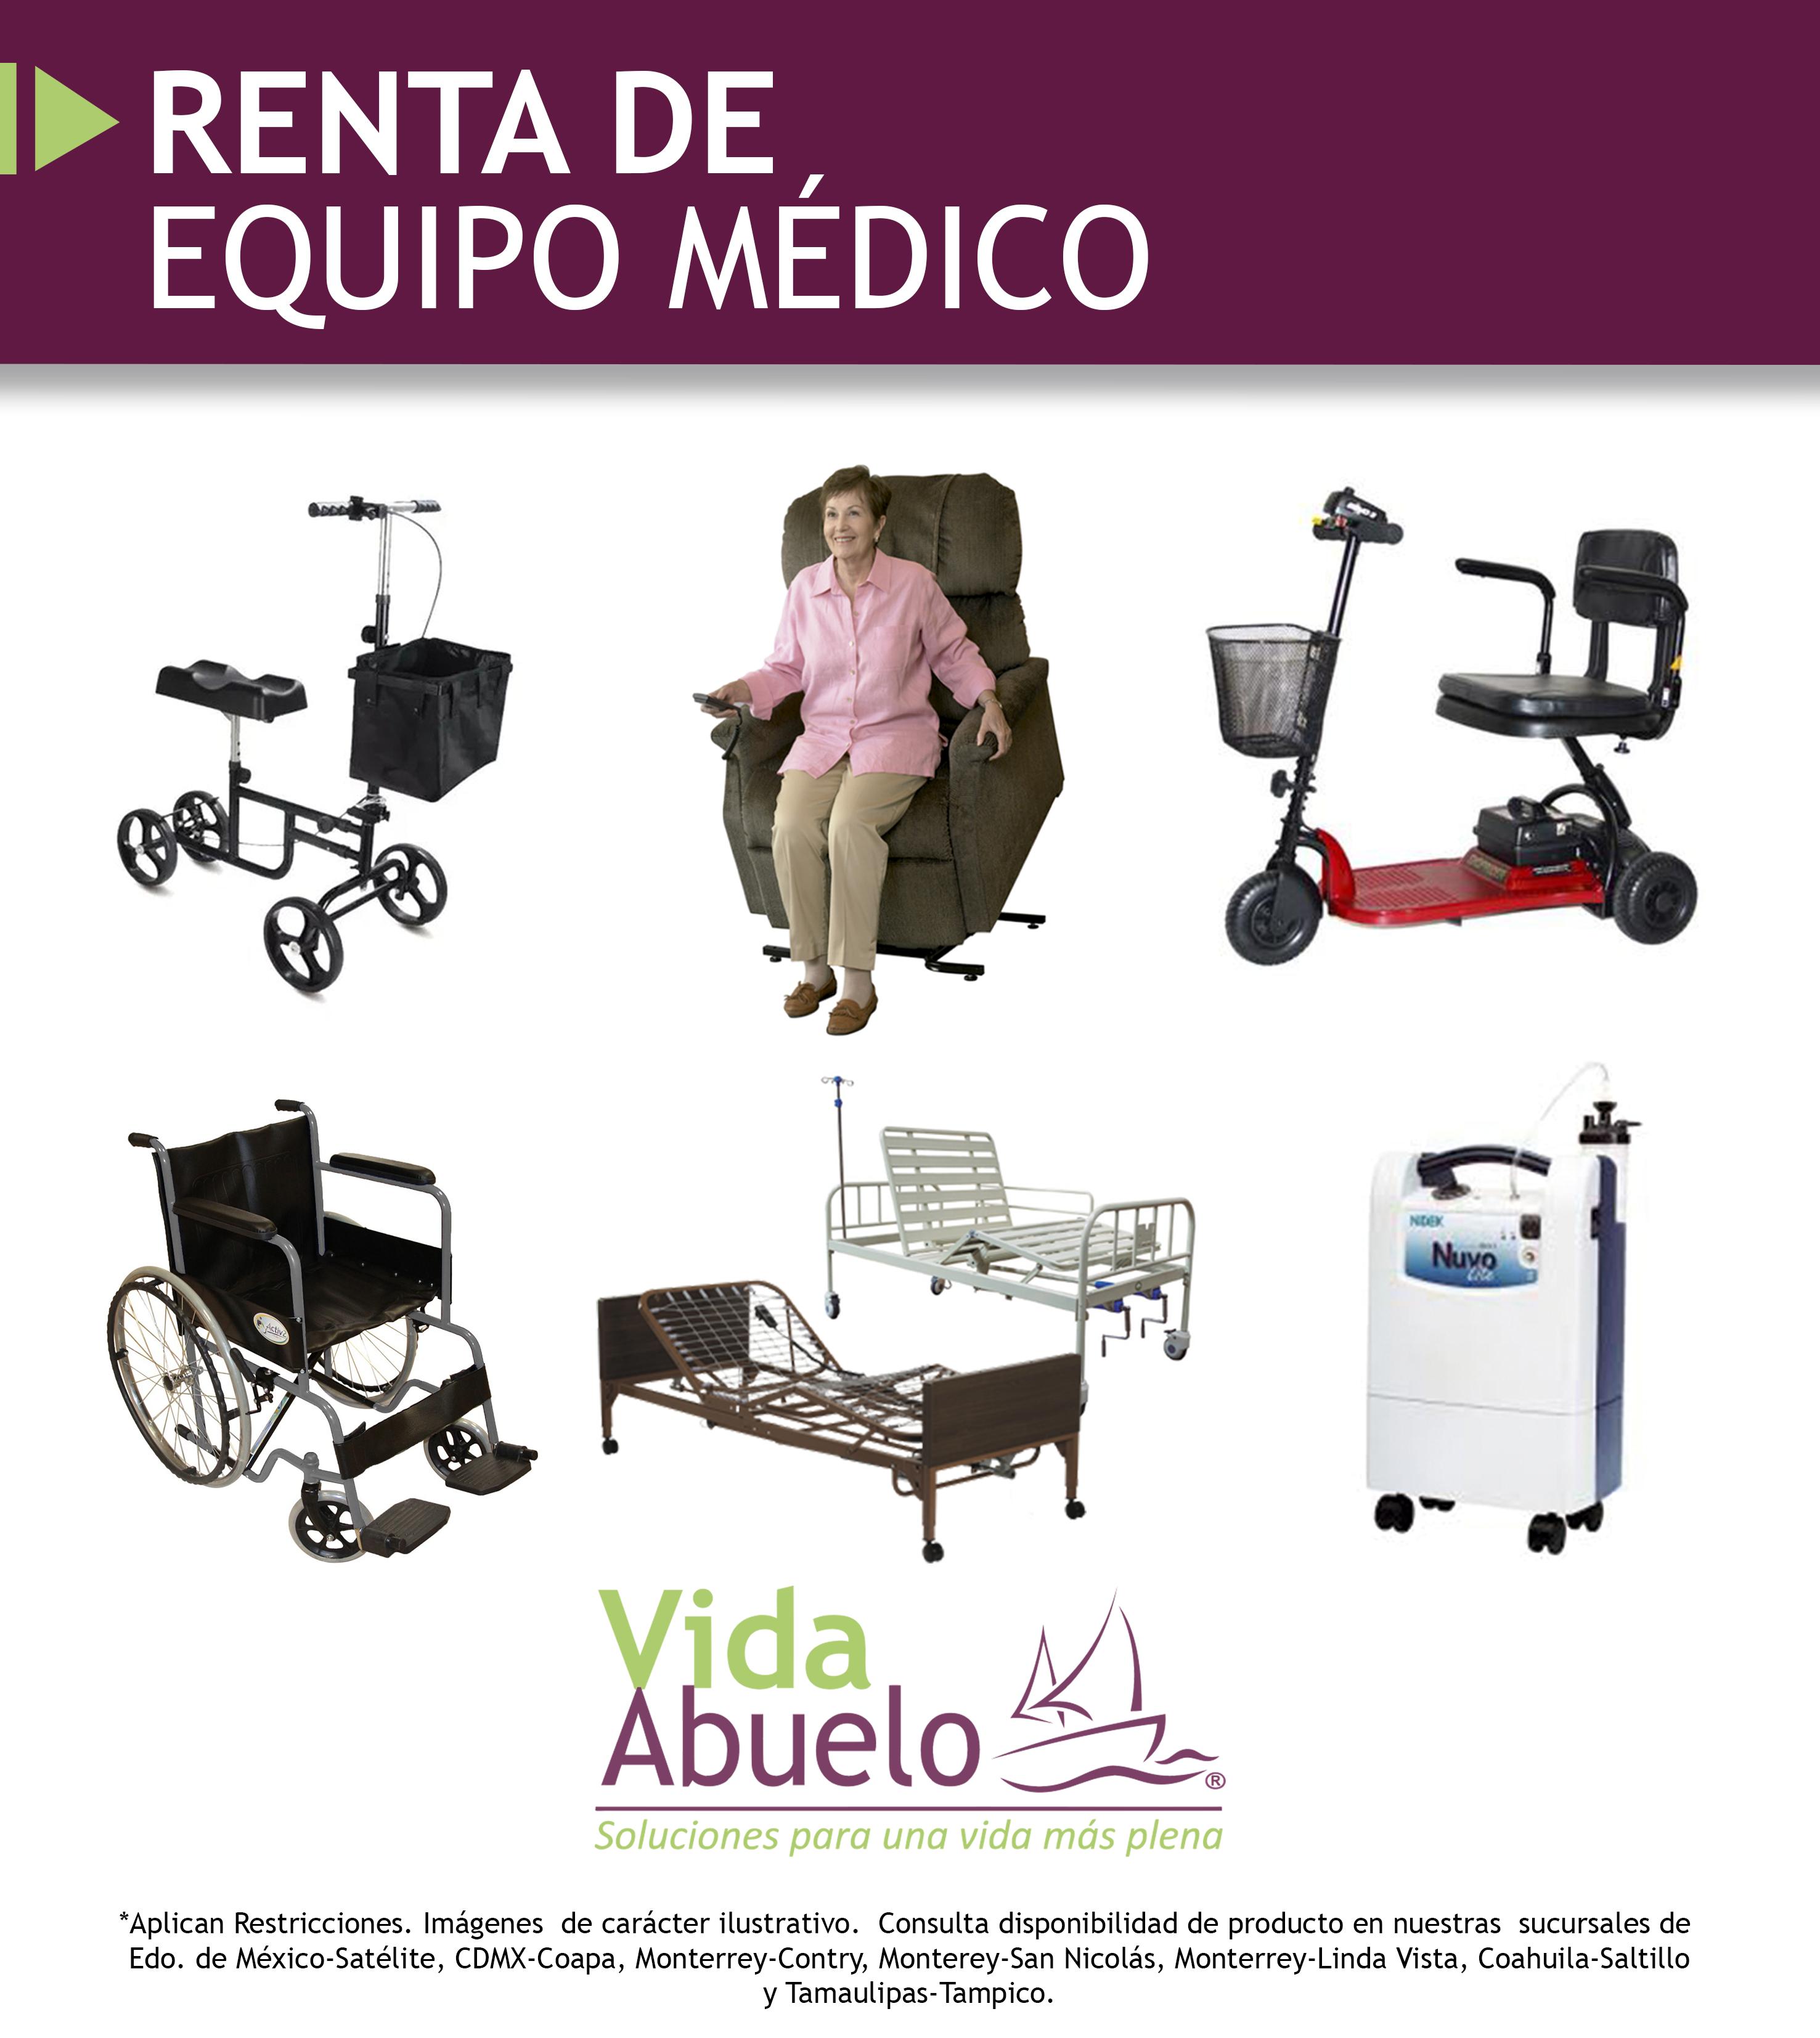 Renta de camas de hospita, renta de sillas de ruedas, renta de concentrador de oxígeno, renta de sillones reclinables eléctricos, renta de camas para pacientes, alquiler de equipo médico